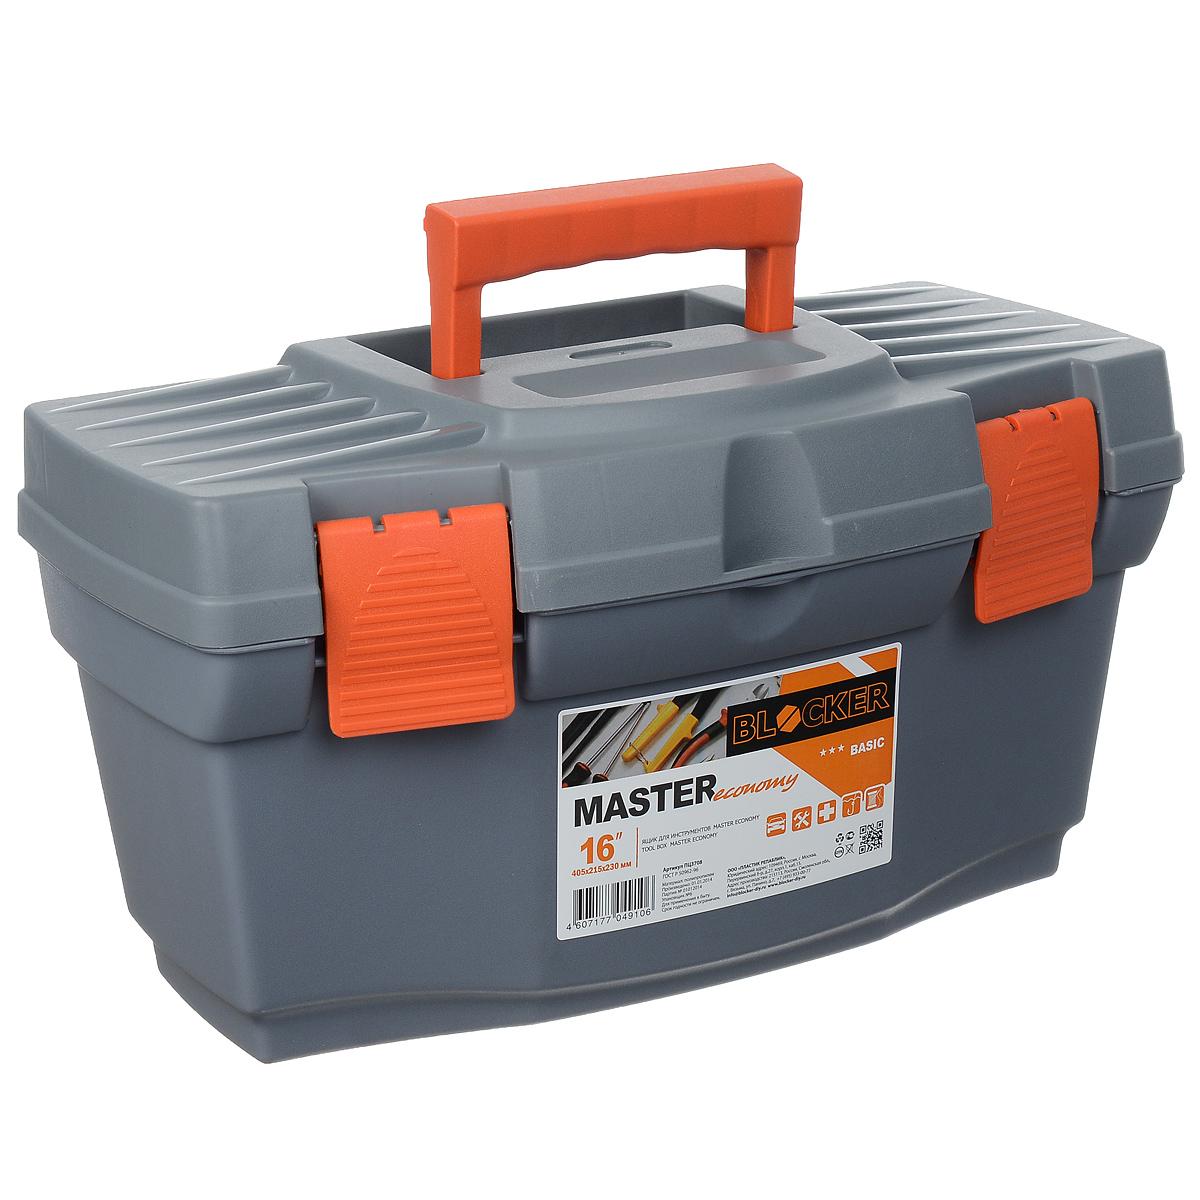 Ящик для инструментов Blocker Master Economy 16, цвет: оранжевый, серый, 40,5 х 23 х 21,5 смПЦ3708_оранжевый, серыйЯщик Blocker Master Economy 16 изготовлен из прочного пластика и предназначен для хранения и переноски инструментов. Вместительный, внутри имеет большое главное отделение. В комплект входит съемный лоток, оснащенный линейкой. Закрывается при помощи крепких защелок, которые не допускают случайного открывания. Для более комфортного переноса в руках на крышке ящика предусмотрена удобная ручка.